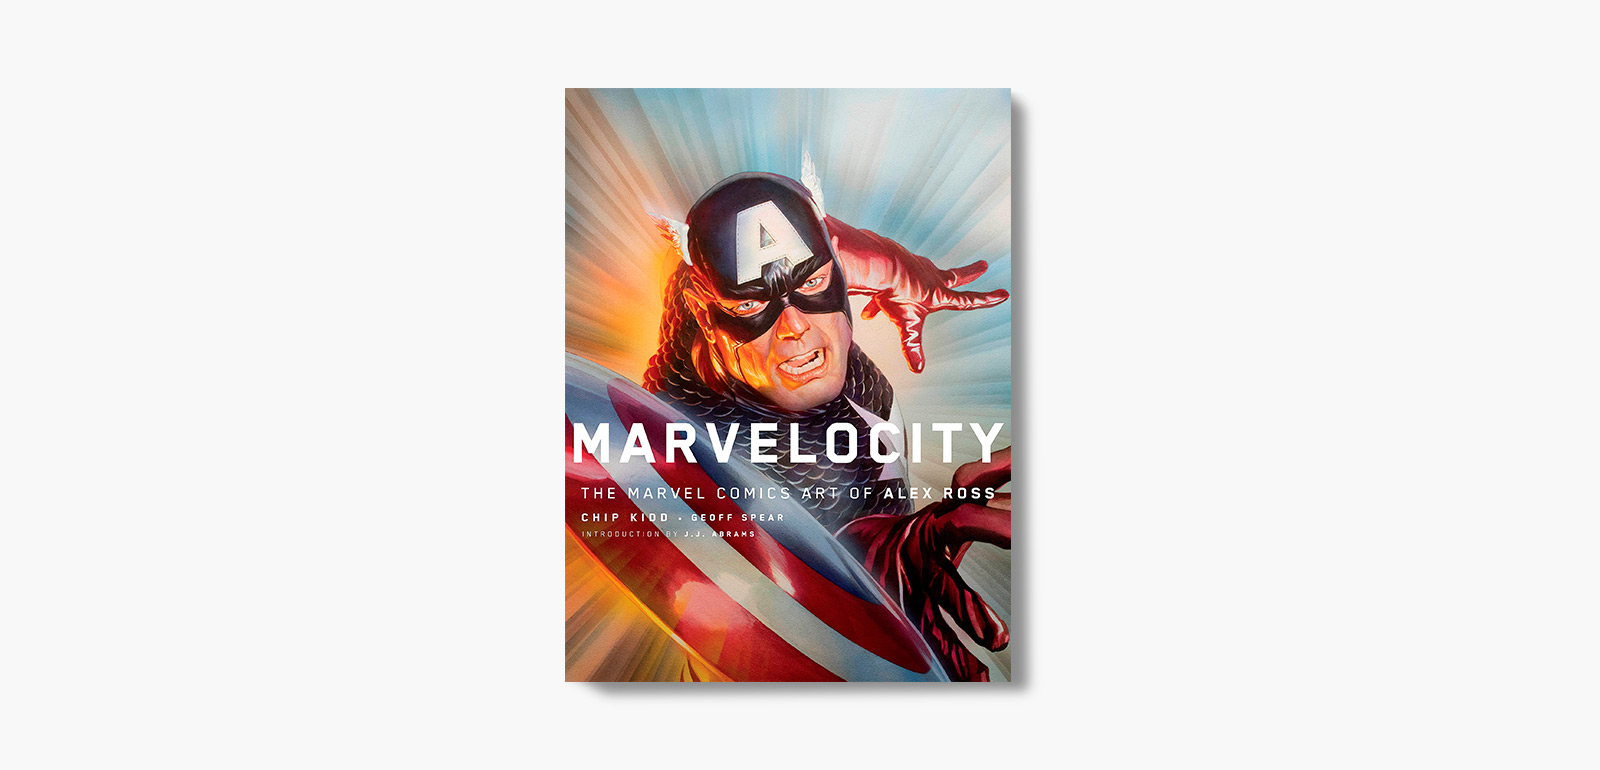 Marvelocity